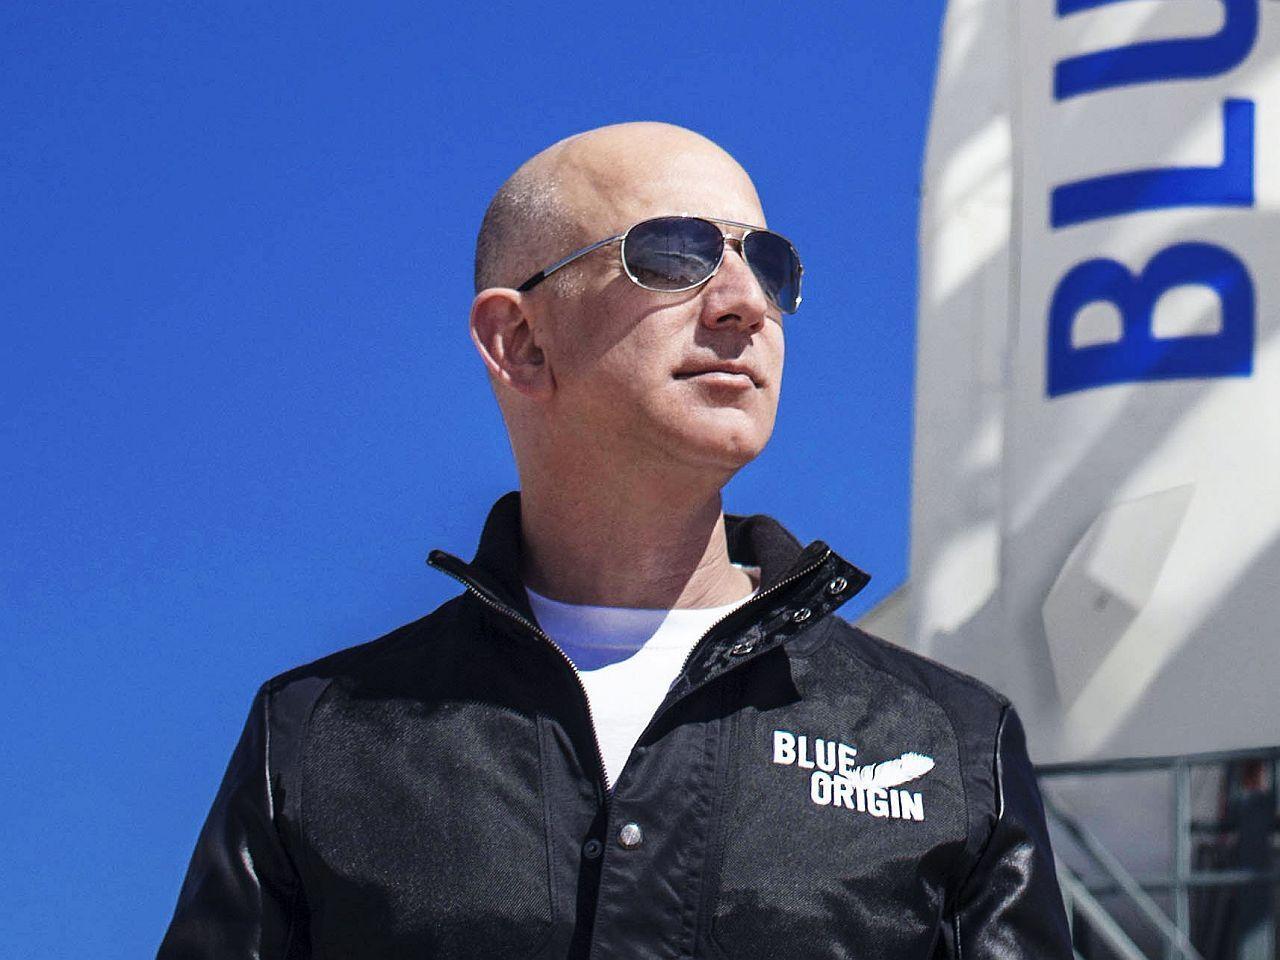 Em 10 minutos, dono da Amazon foi ao espaço